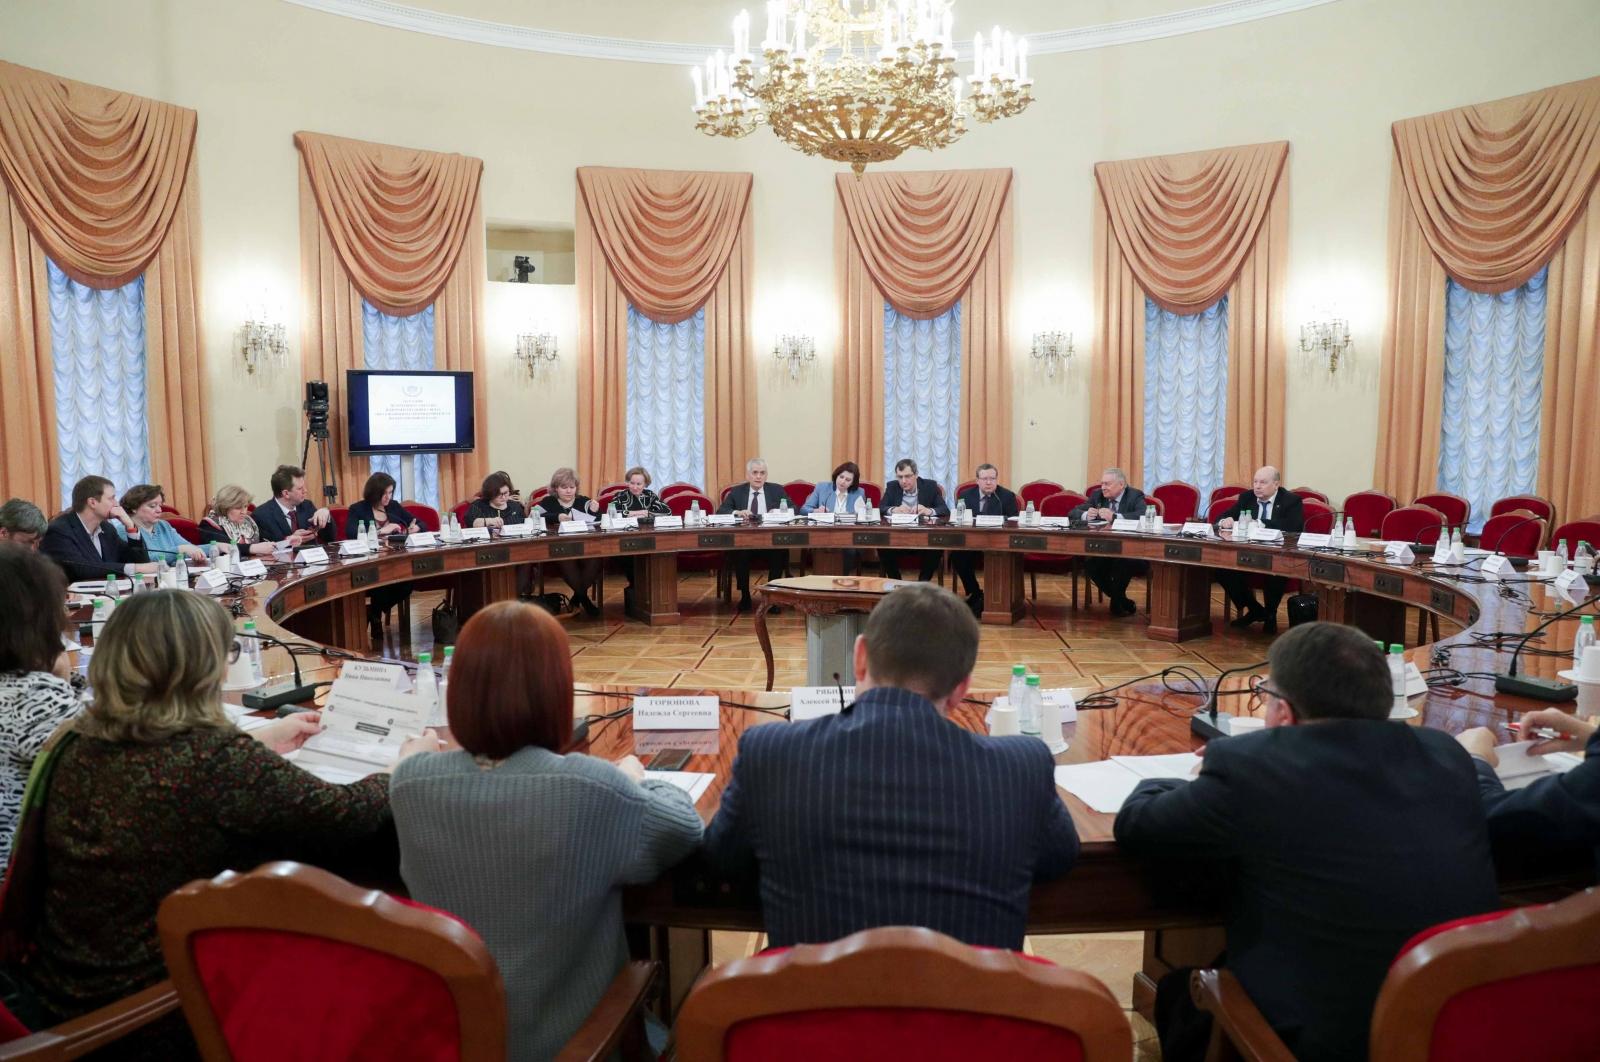 Cостоялось первое заседание Экспертного совета по дебюрократизации в сферах образования и науки